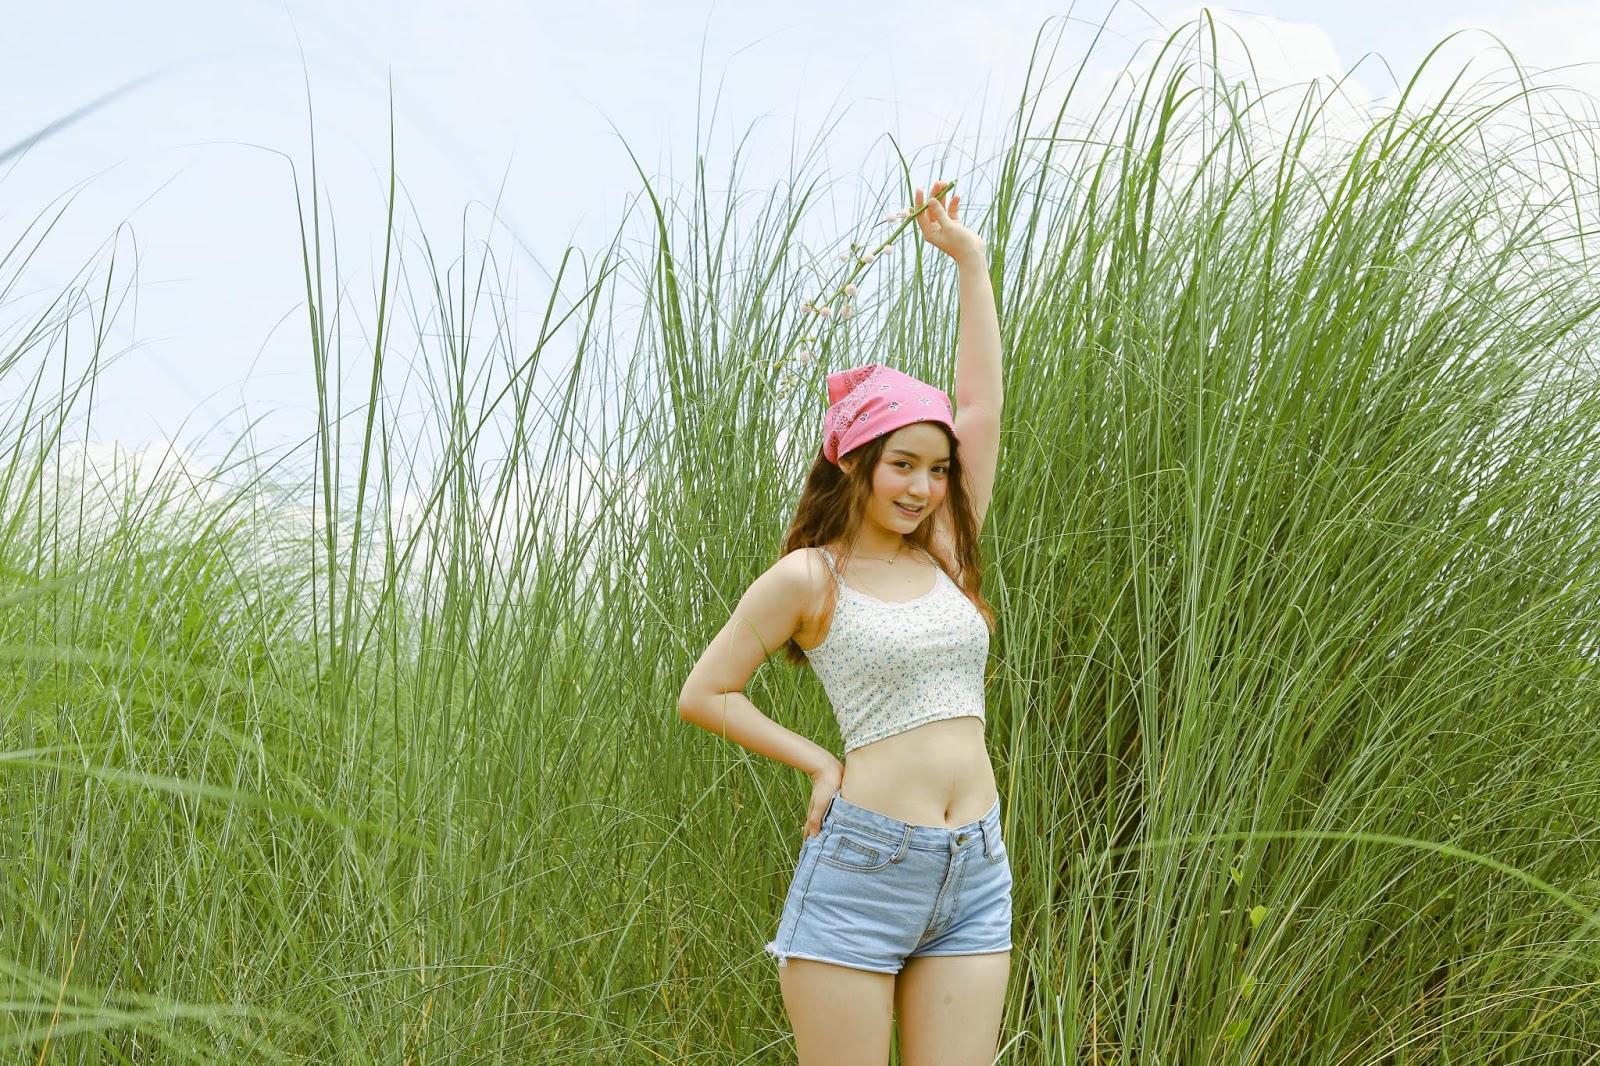 Khin Wint Wah Sunny Day Photoshoot